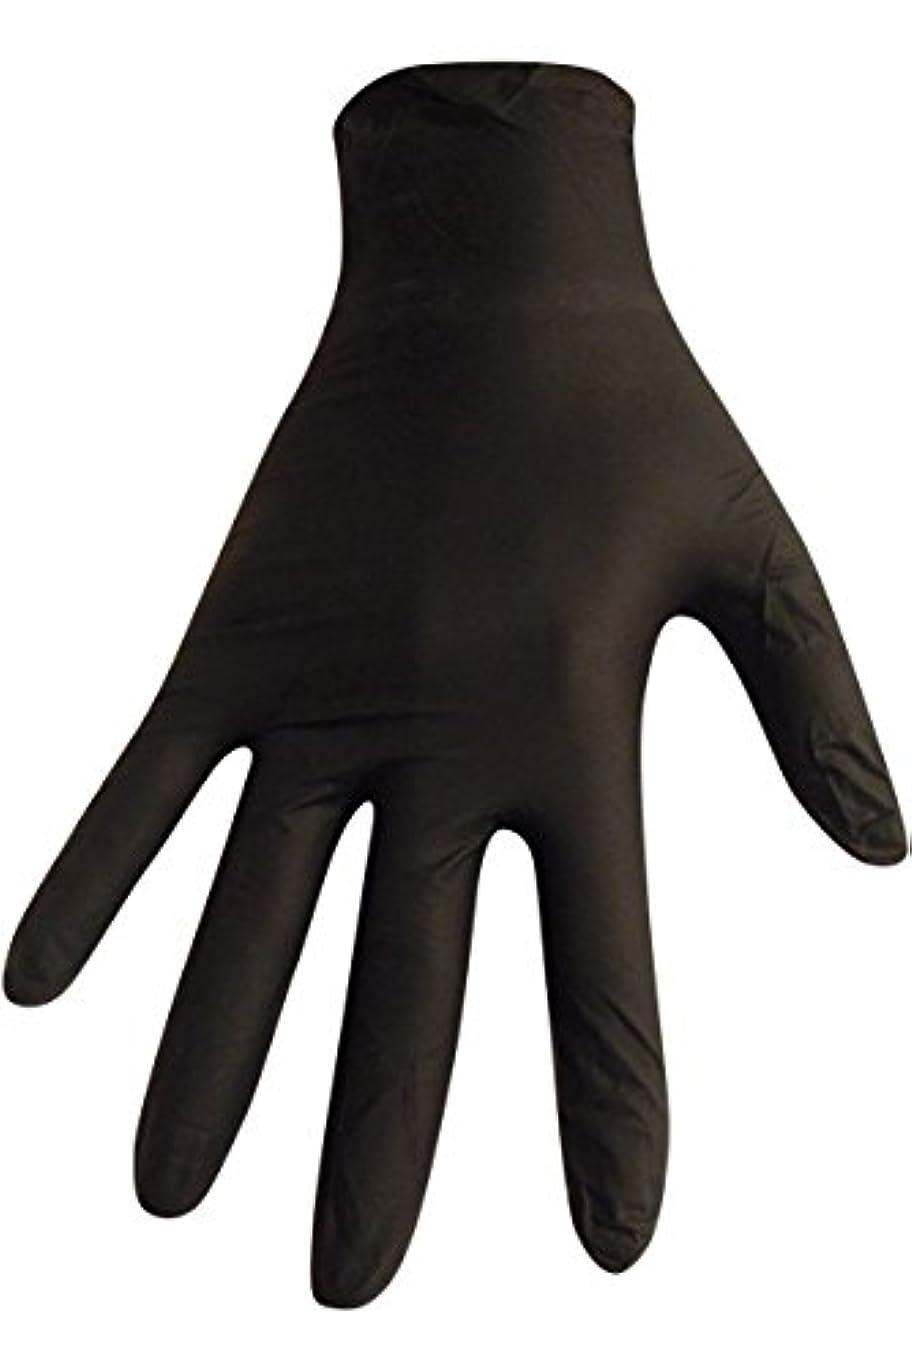 どんよりした抗生物質層【箱なし発送】ニトリル極薄手袋 S?M?L 選べる6色(100枚入) (L, ブラック)